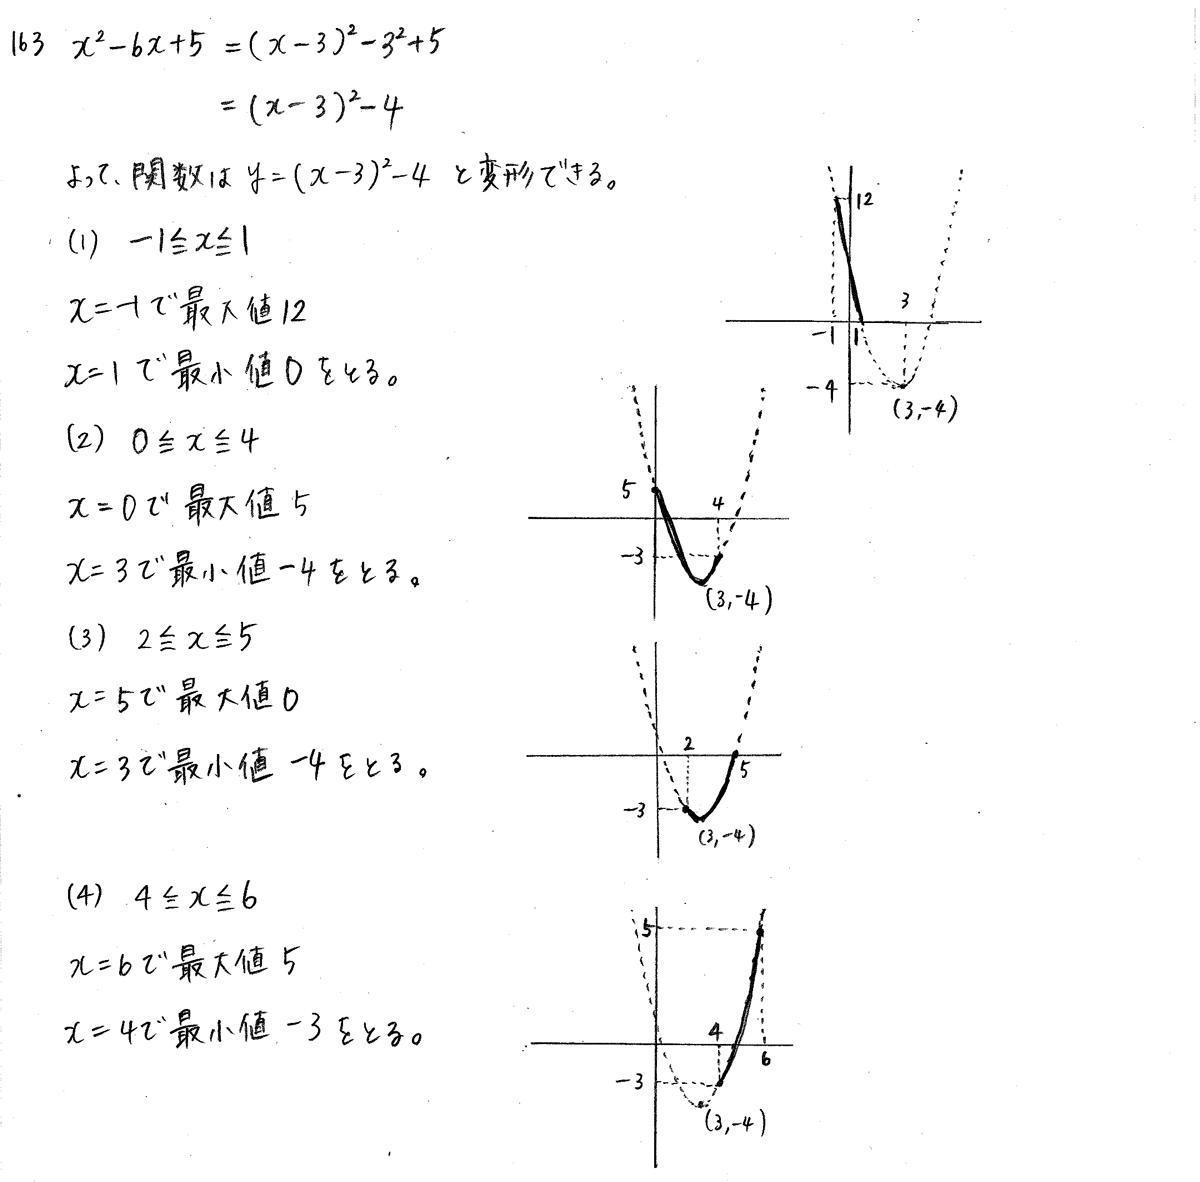 クリアー数学1-163解答